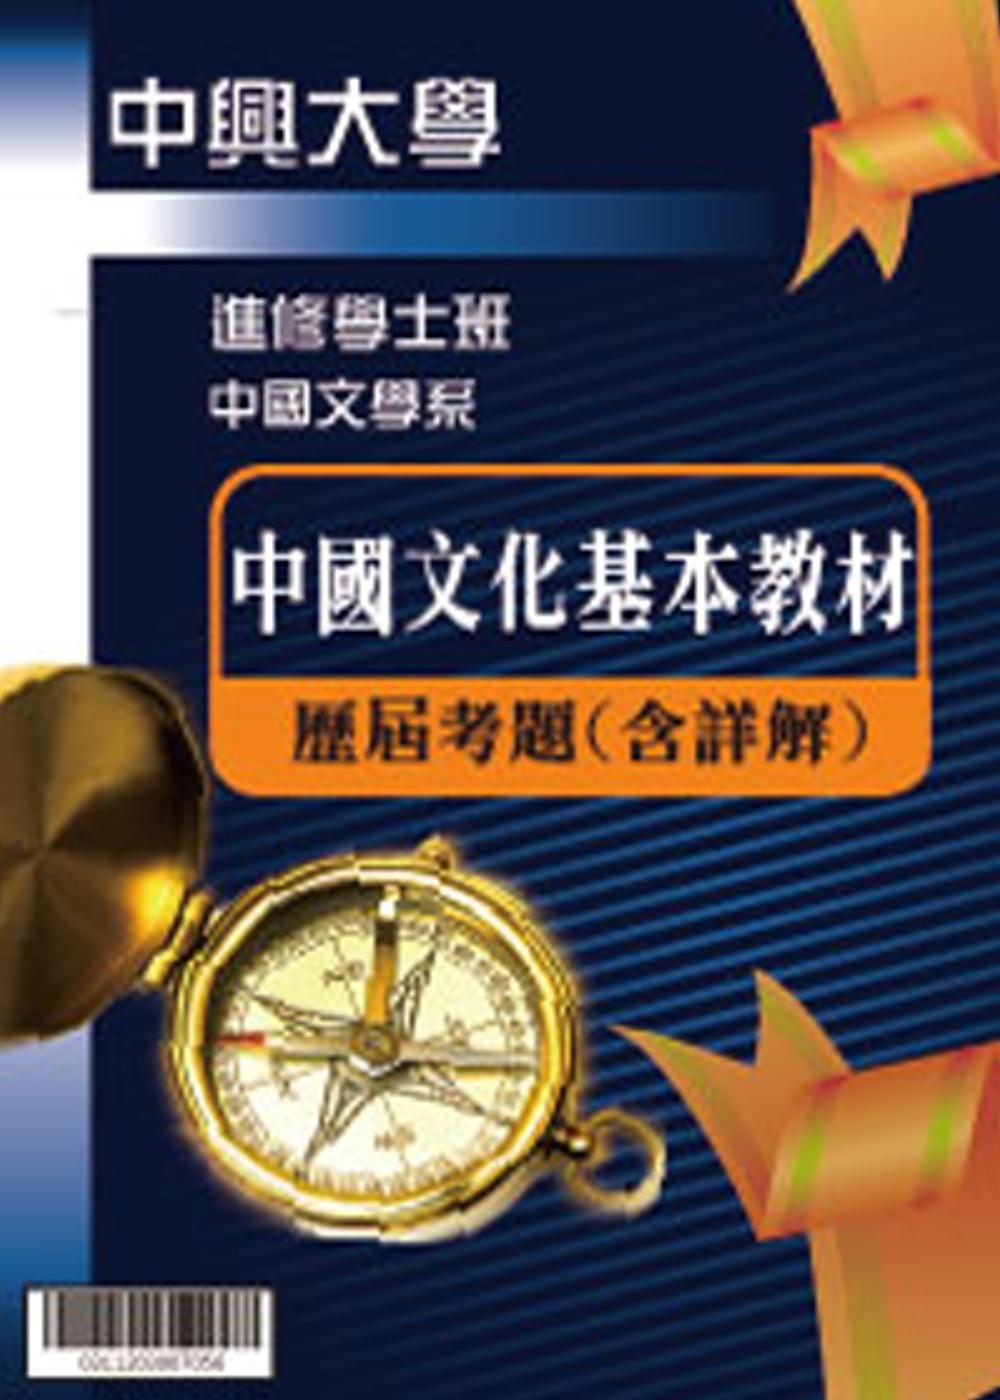 考古題解答-國立中興大學-進修學士 科目:中國文化基本教材 100/101/102/103/104/105